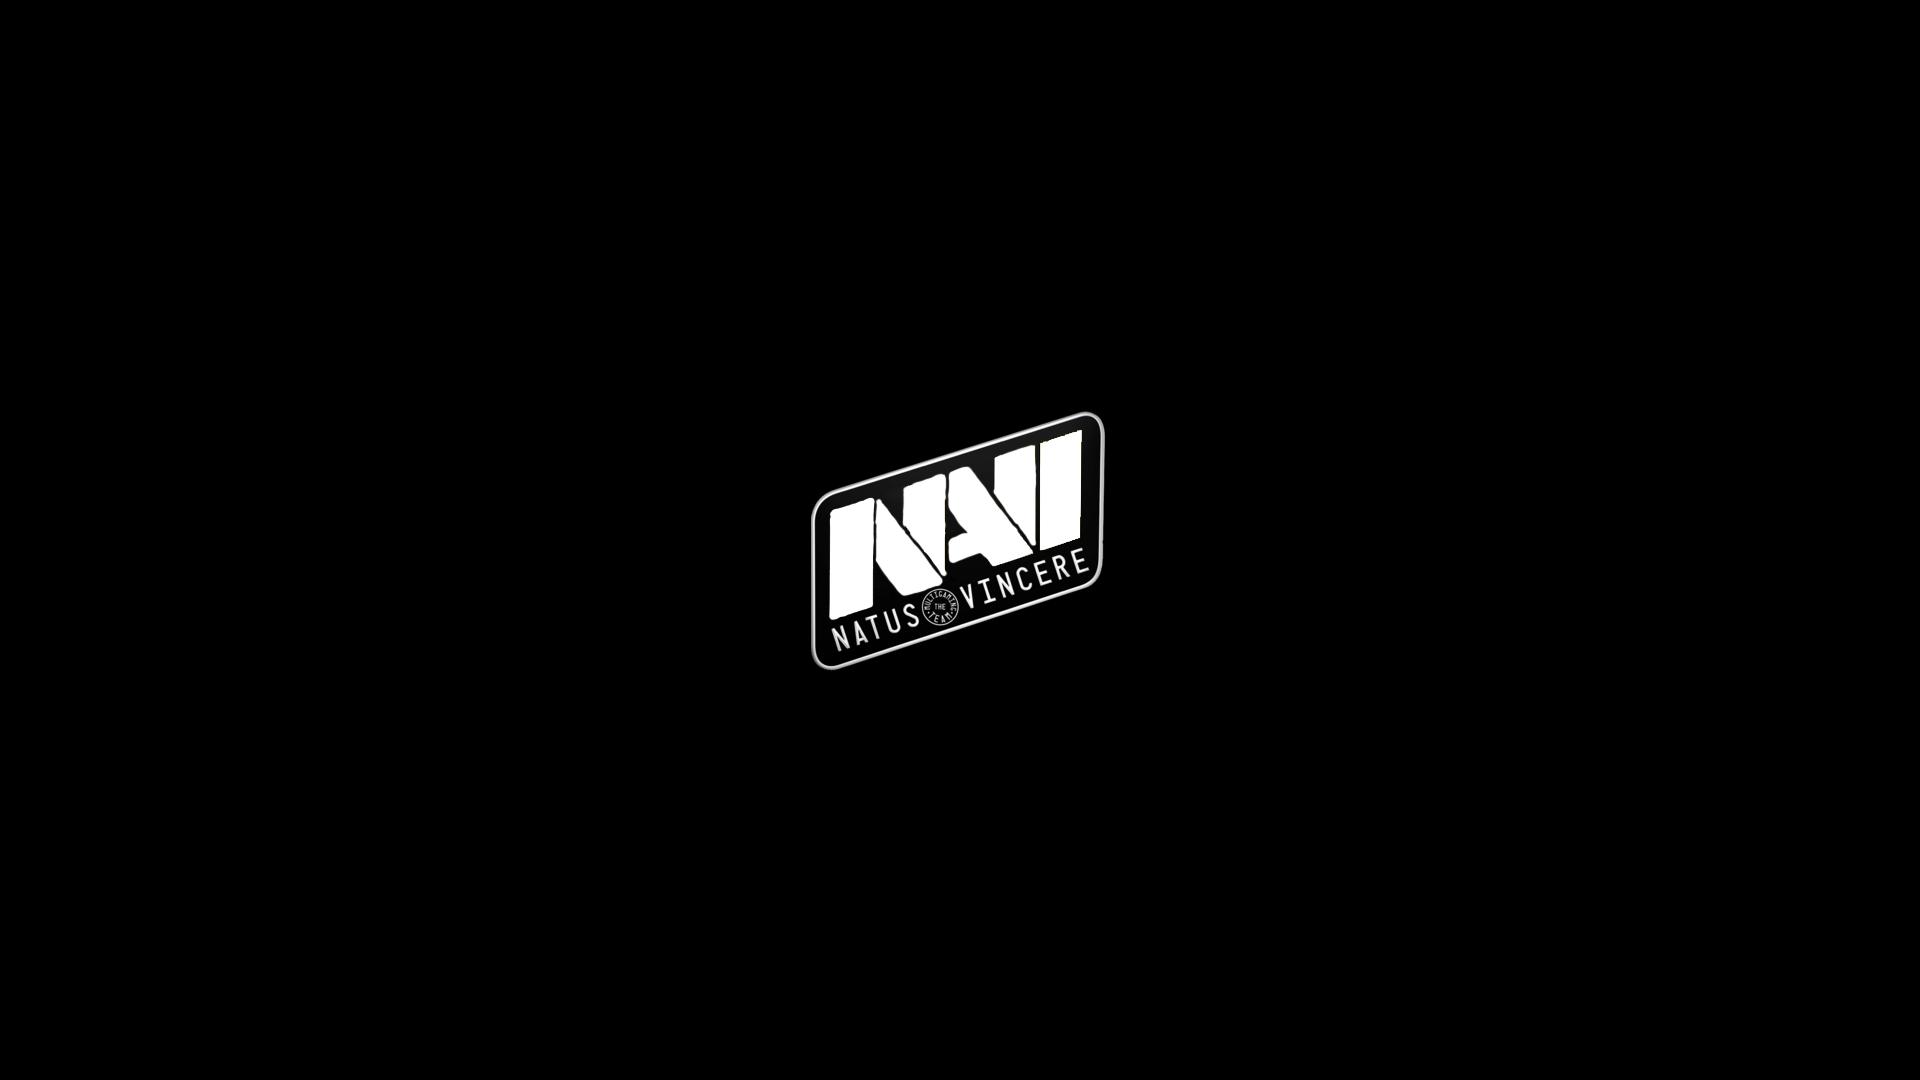 NAVI Black & White